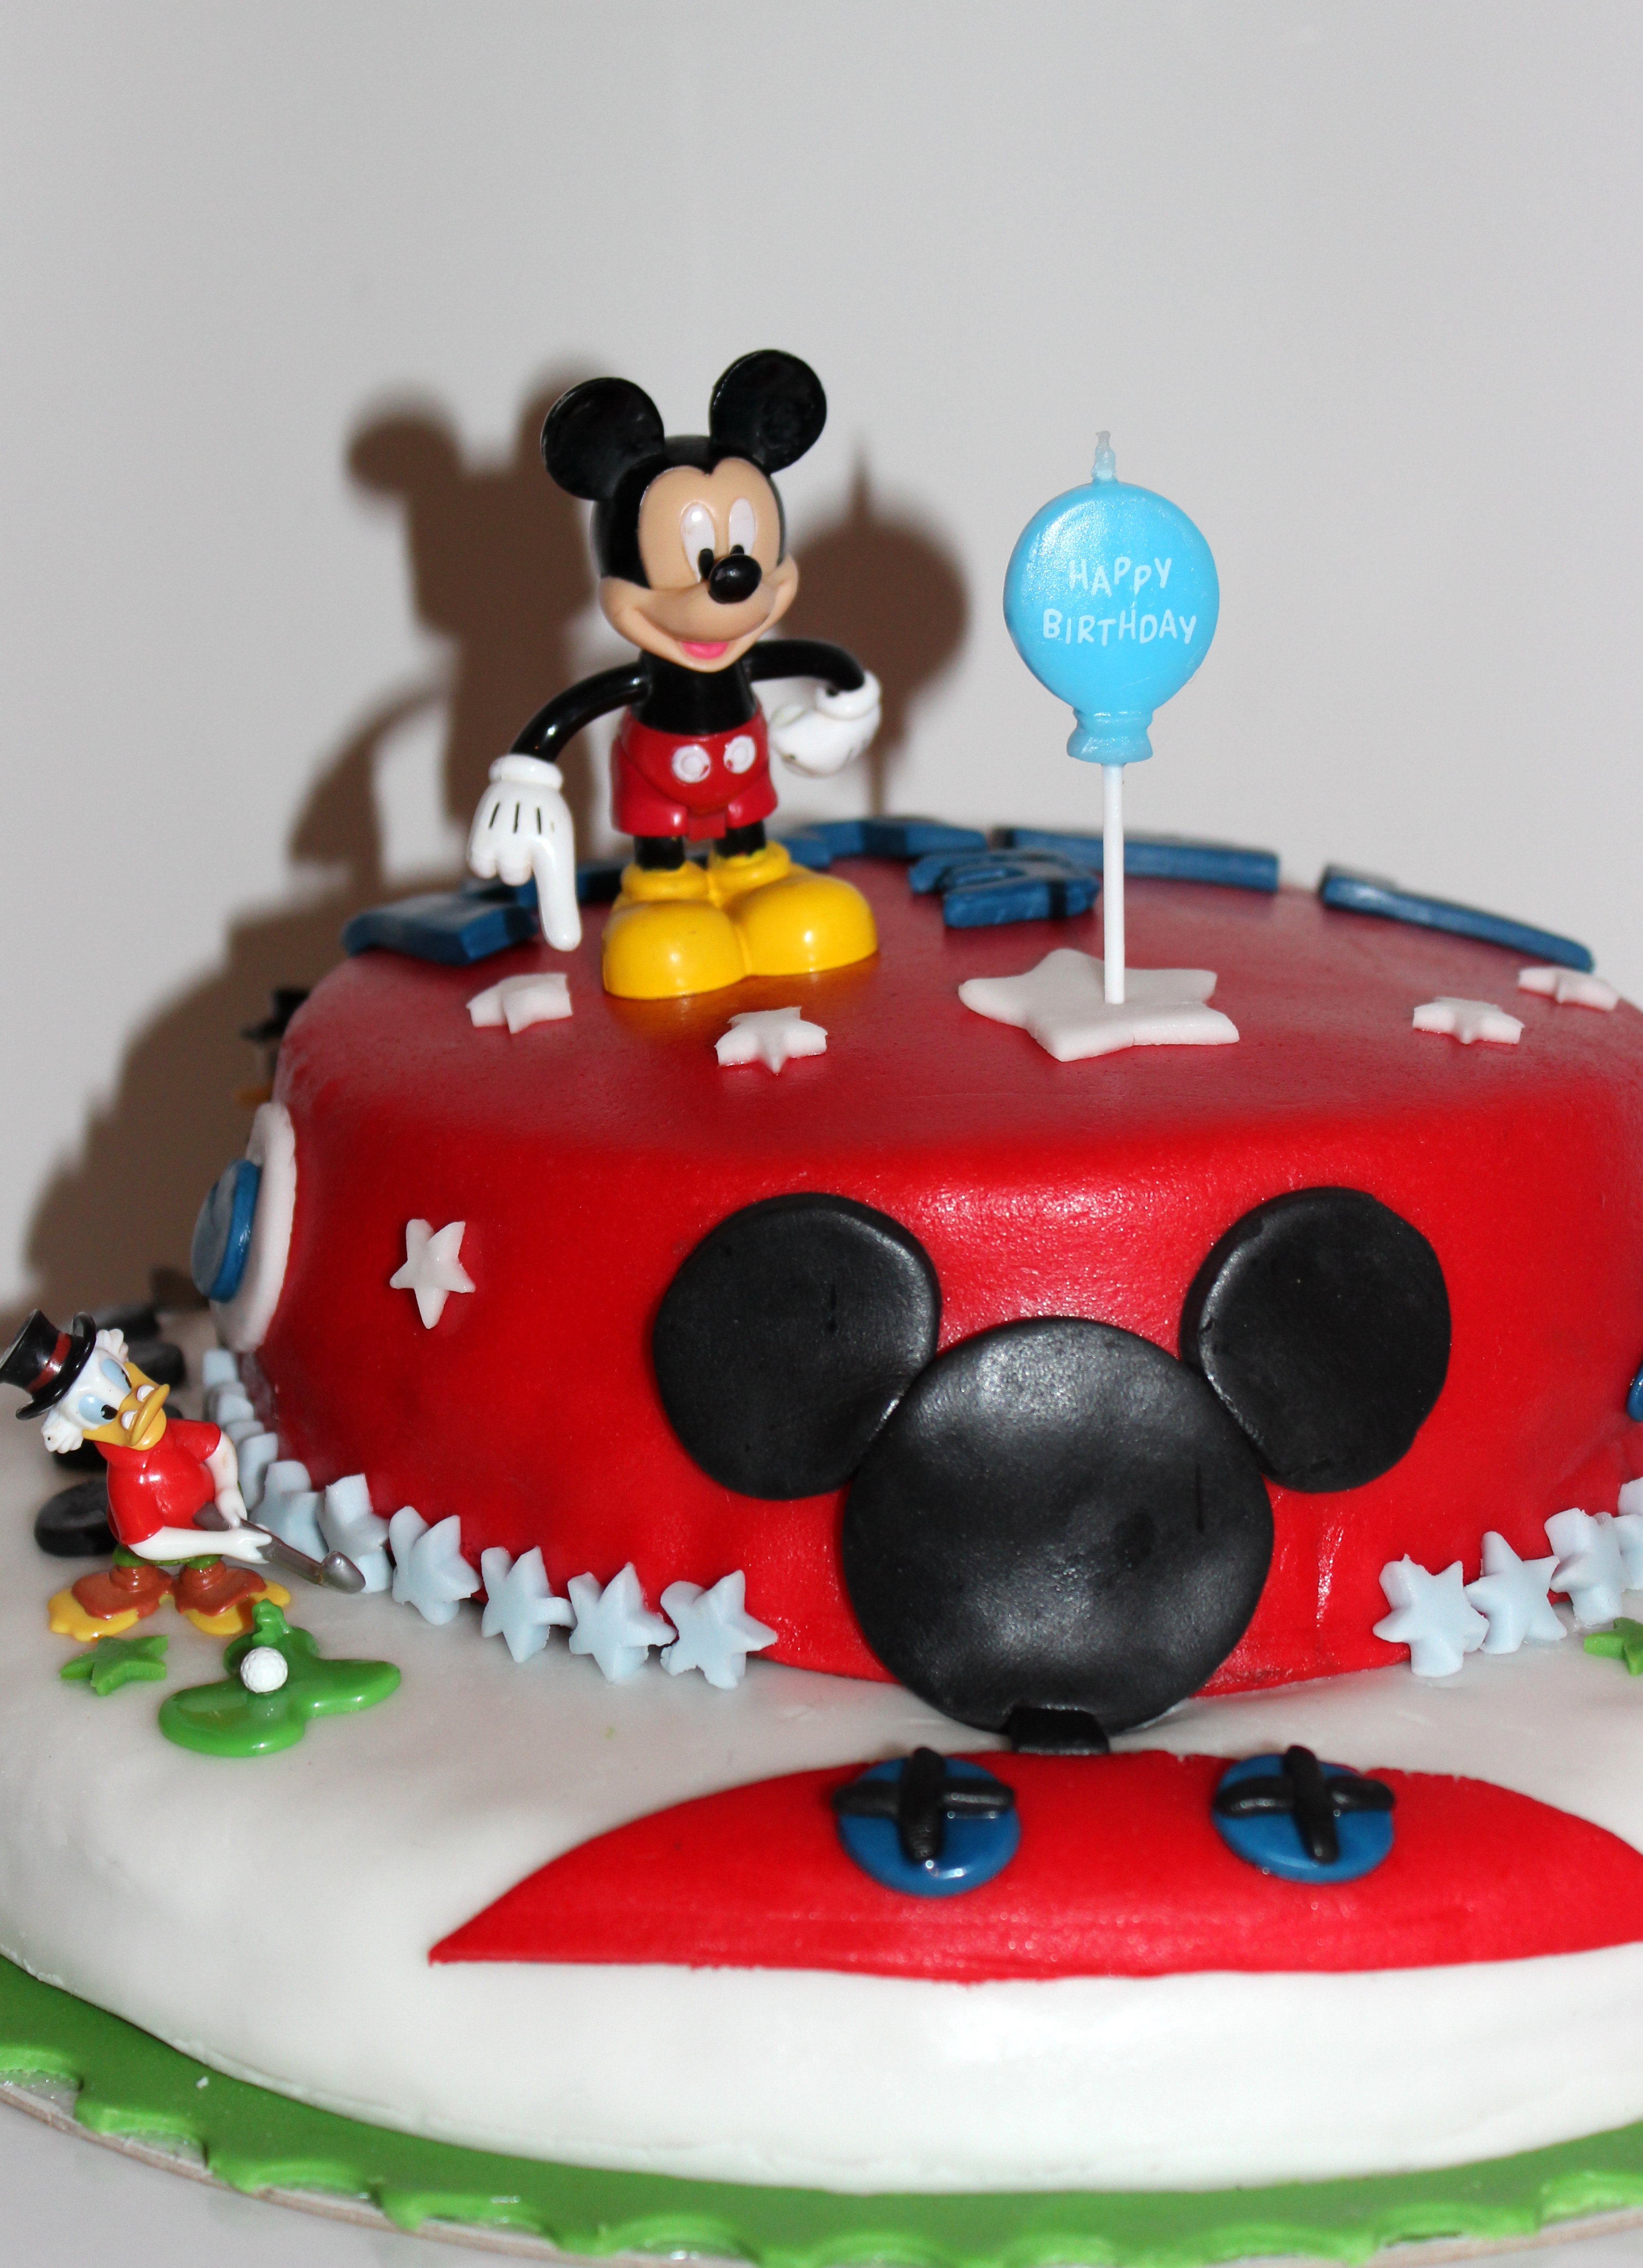 carte blanche 224 nessrine cake design et p 226 te 224 sucre pinc 233 e de fantaisie